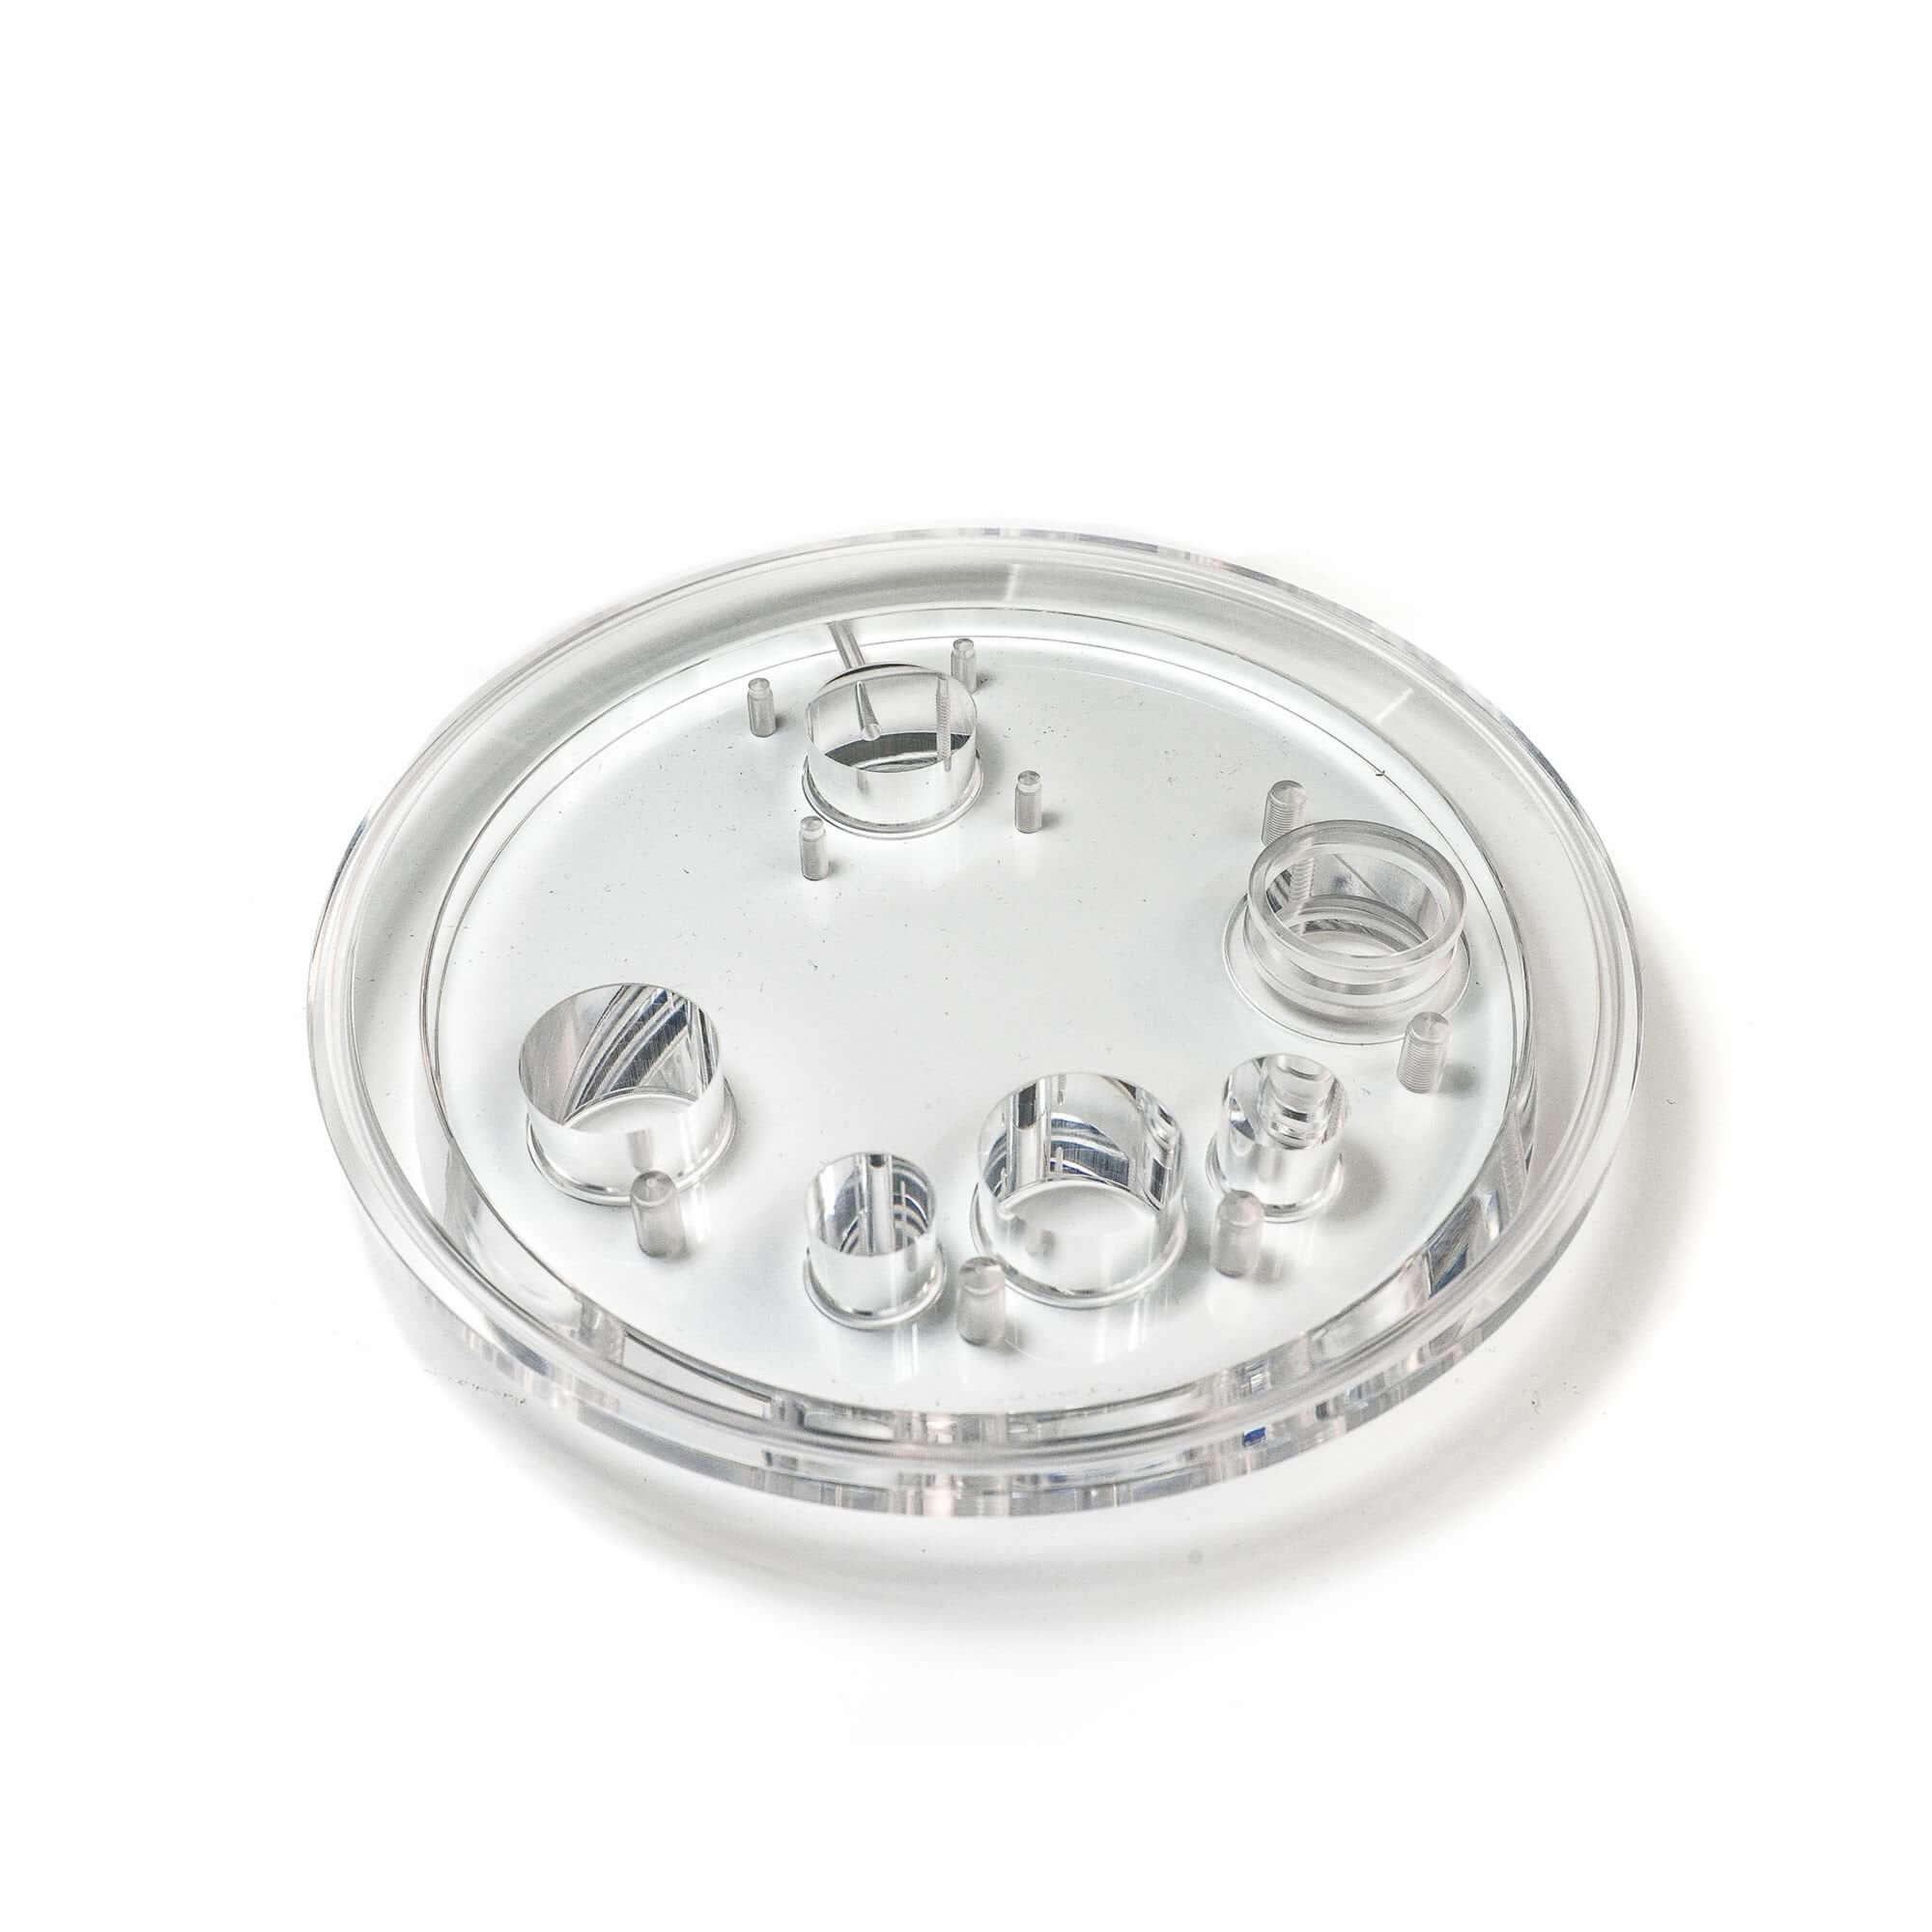 Acryline Schauglas aus Acrylglas technische teile gedreht gefräst gebohrt poliert zubehör acryl kunststoff produktion display